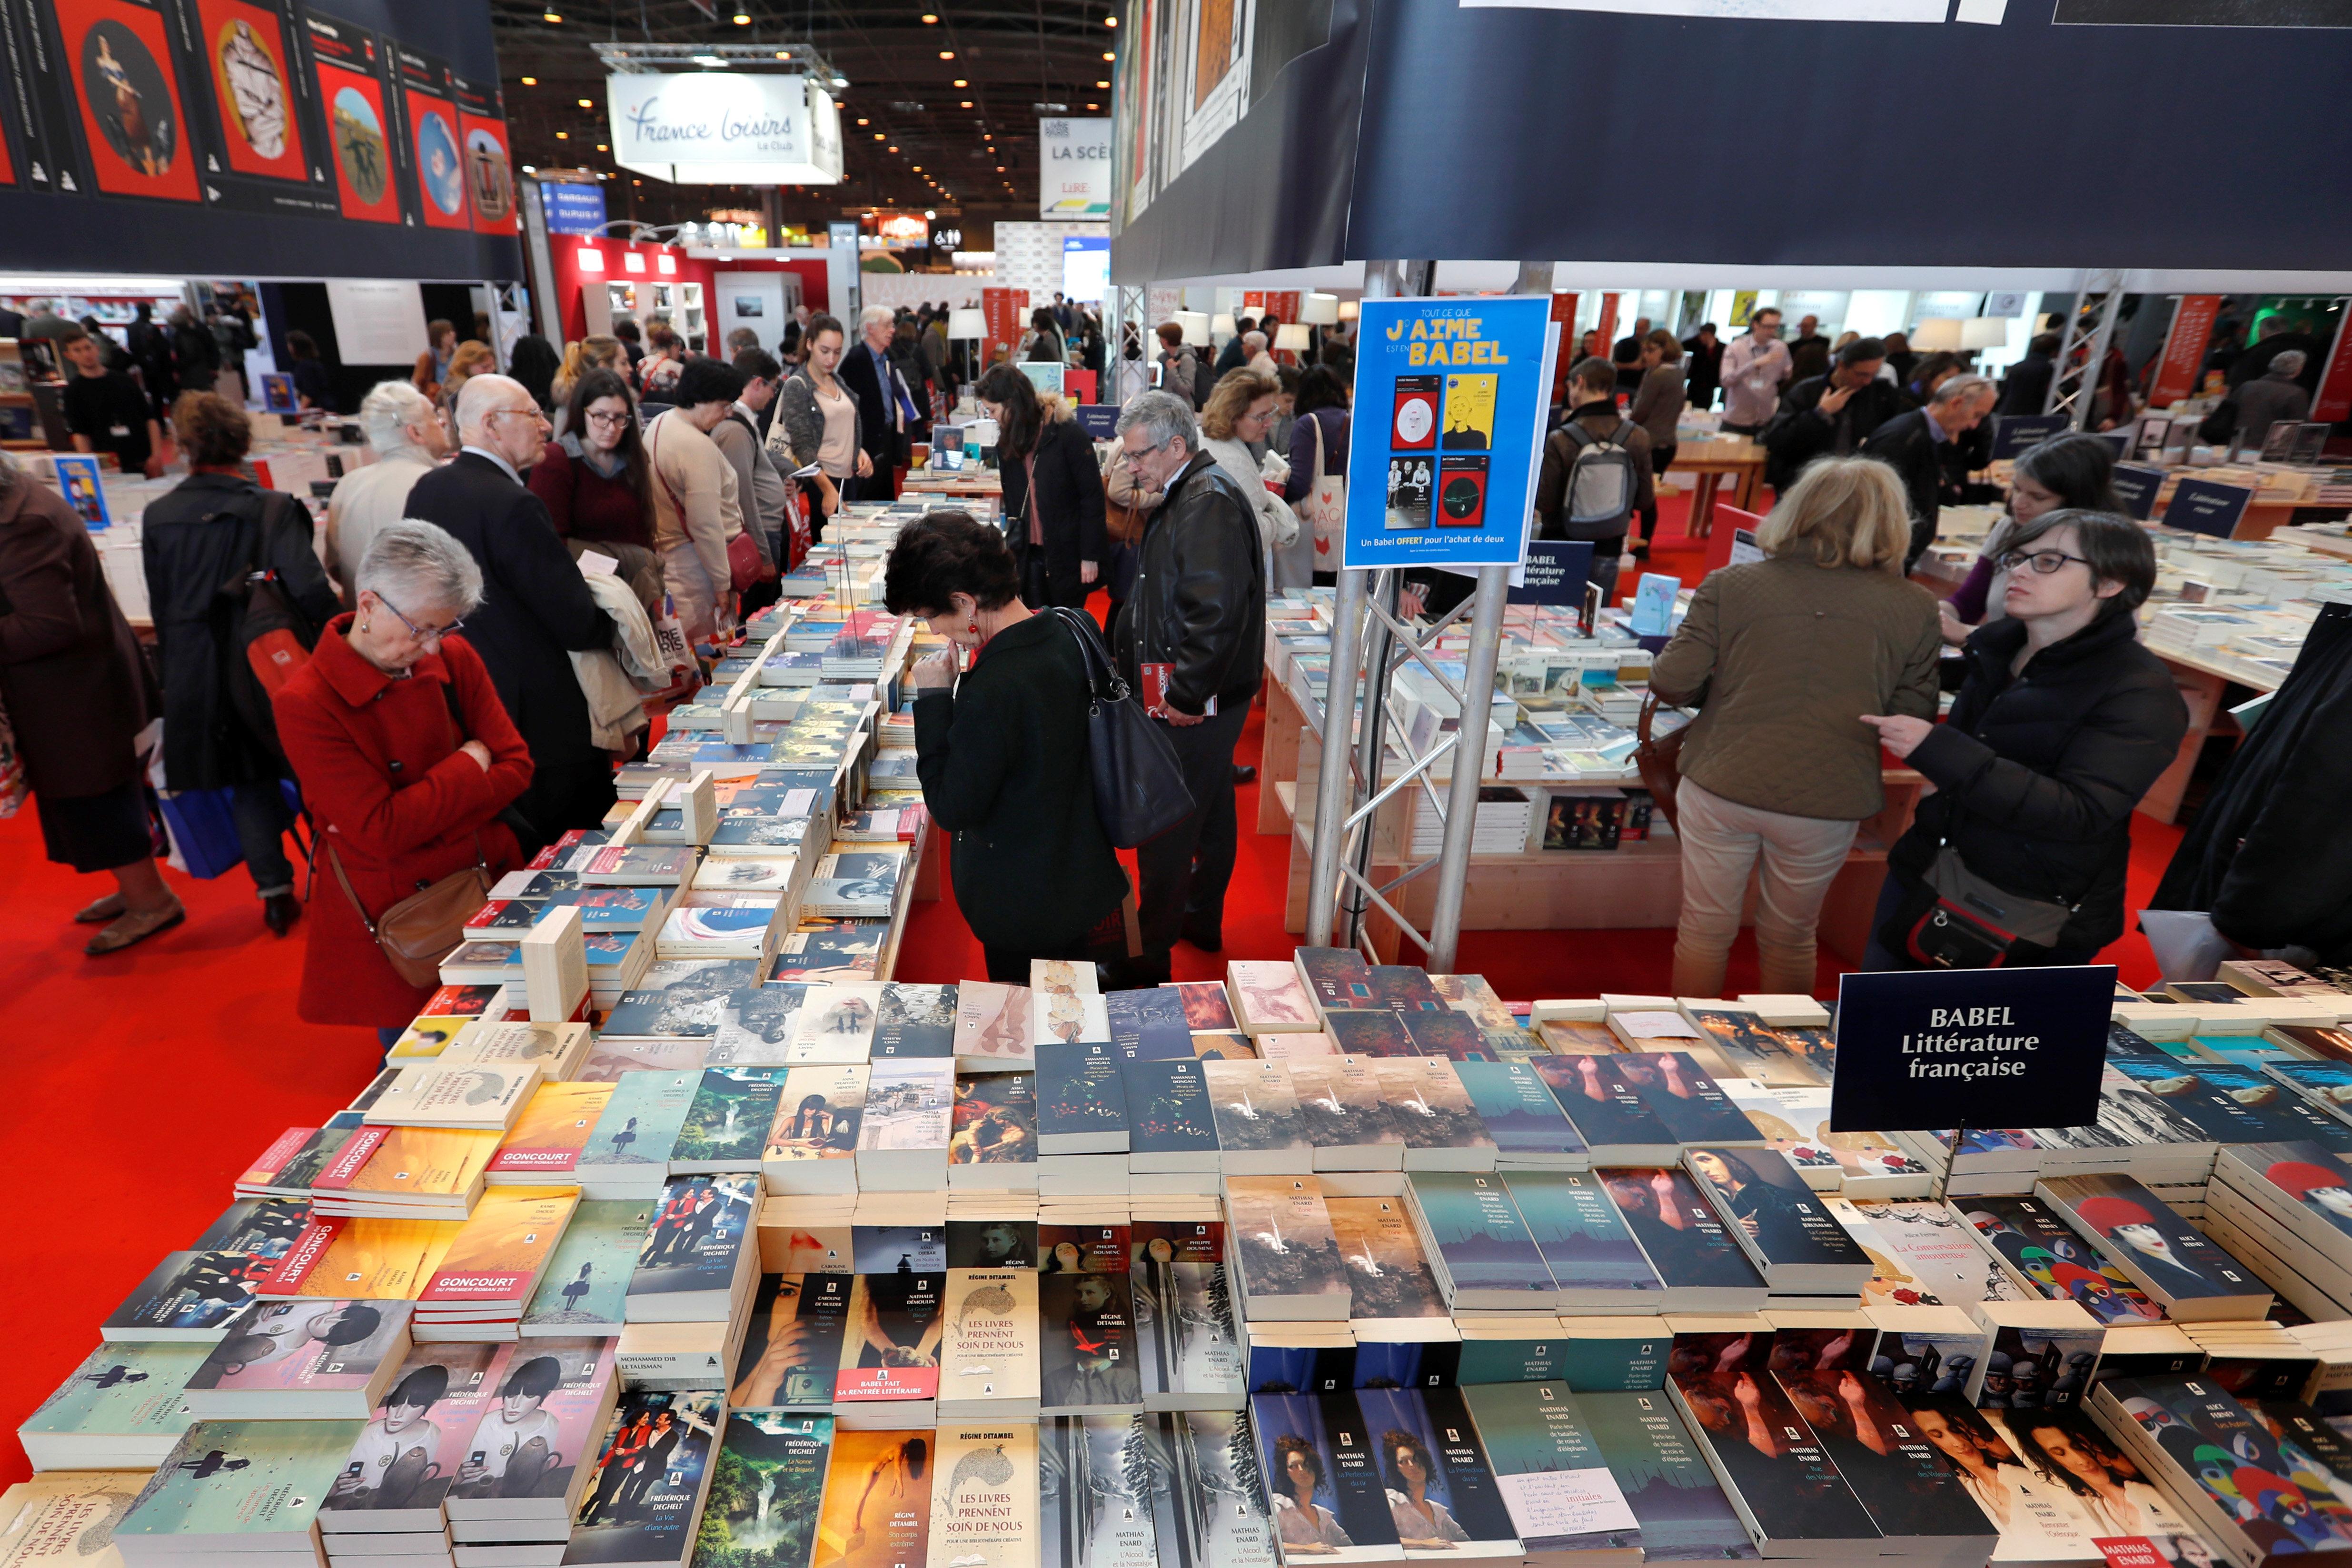 15 éditeurs, plus de 1000 ouvrages et 10 auteurs en dédicace au stand de la Tunisie au Salon du livre de